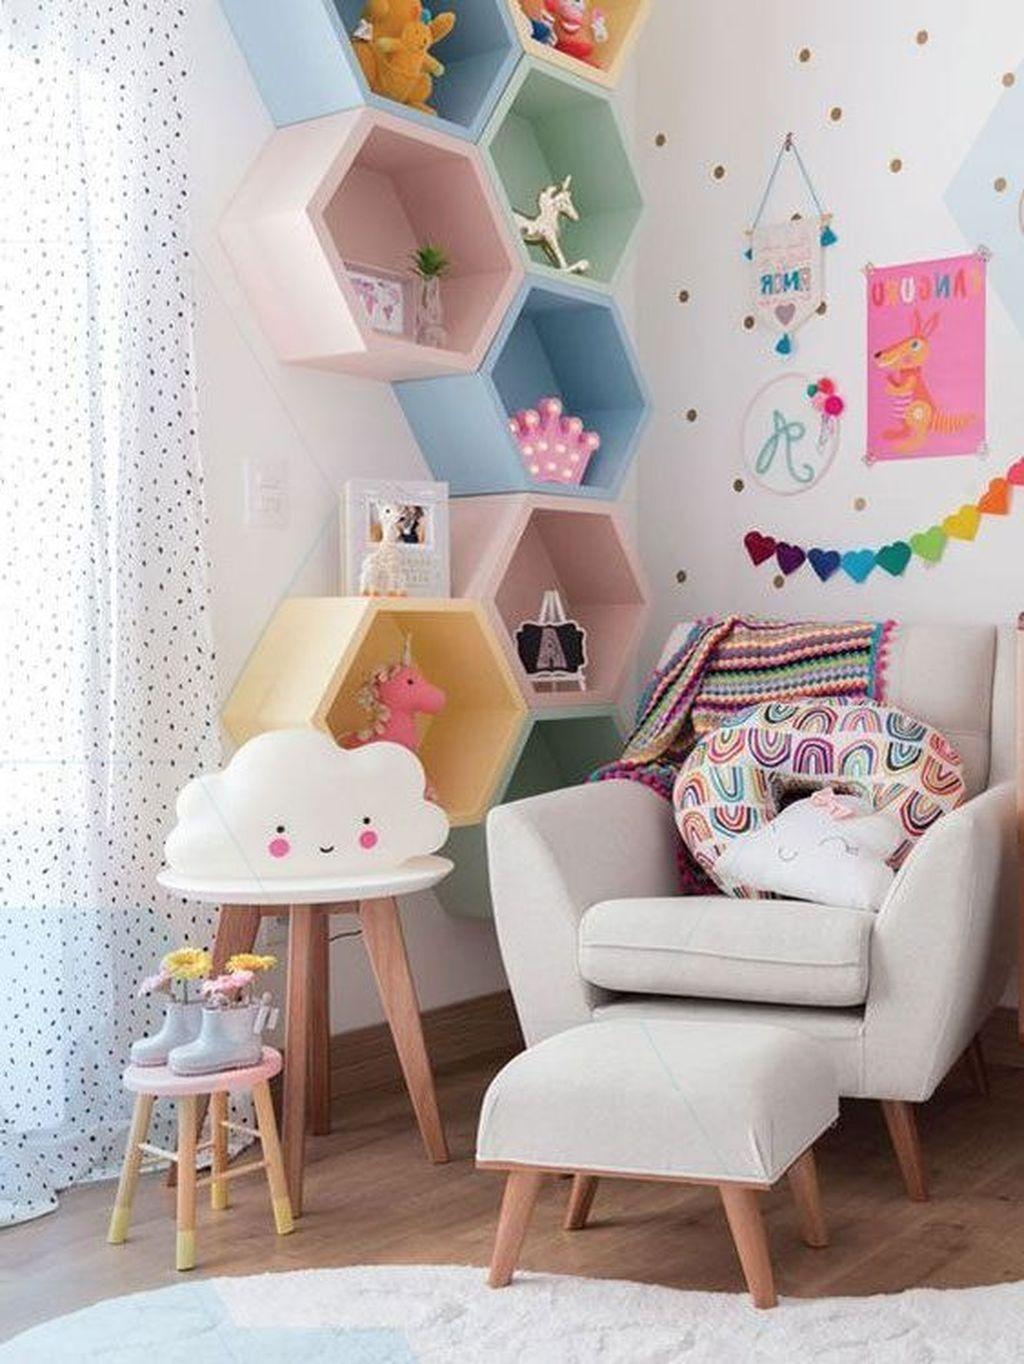 Decorar paredes en habitaciones infantiles